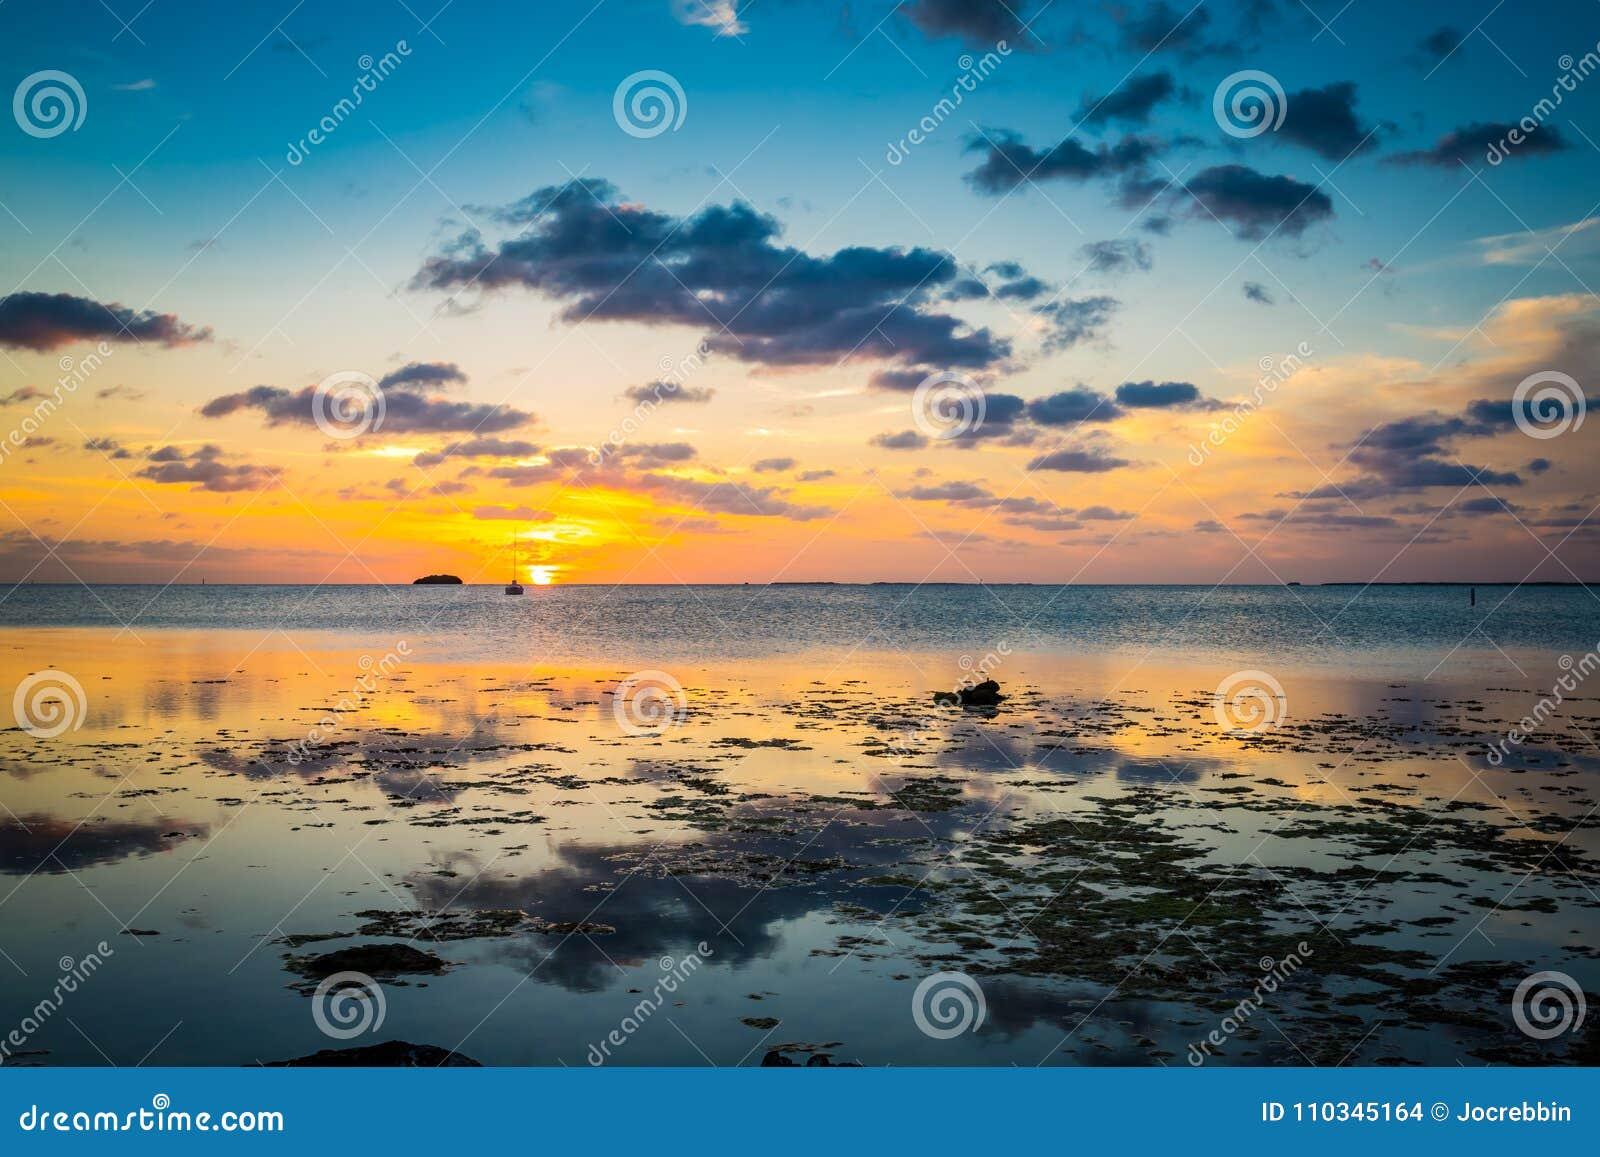 Ο ήλιος μειώνεται αργά πέρα από το βασικό δυτικό νερό σε ΛΦ